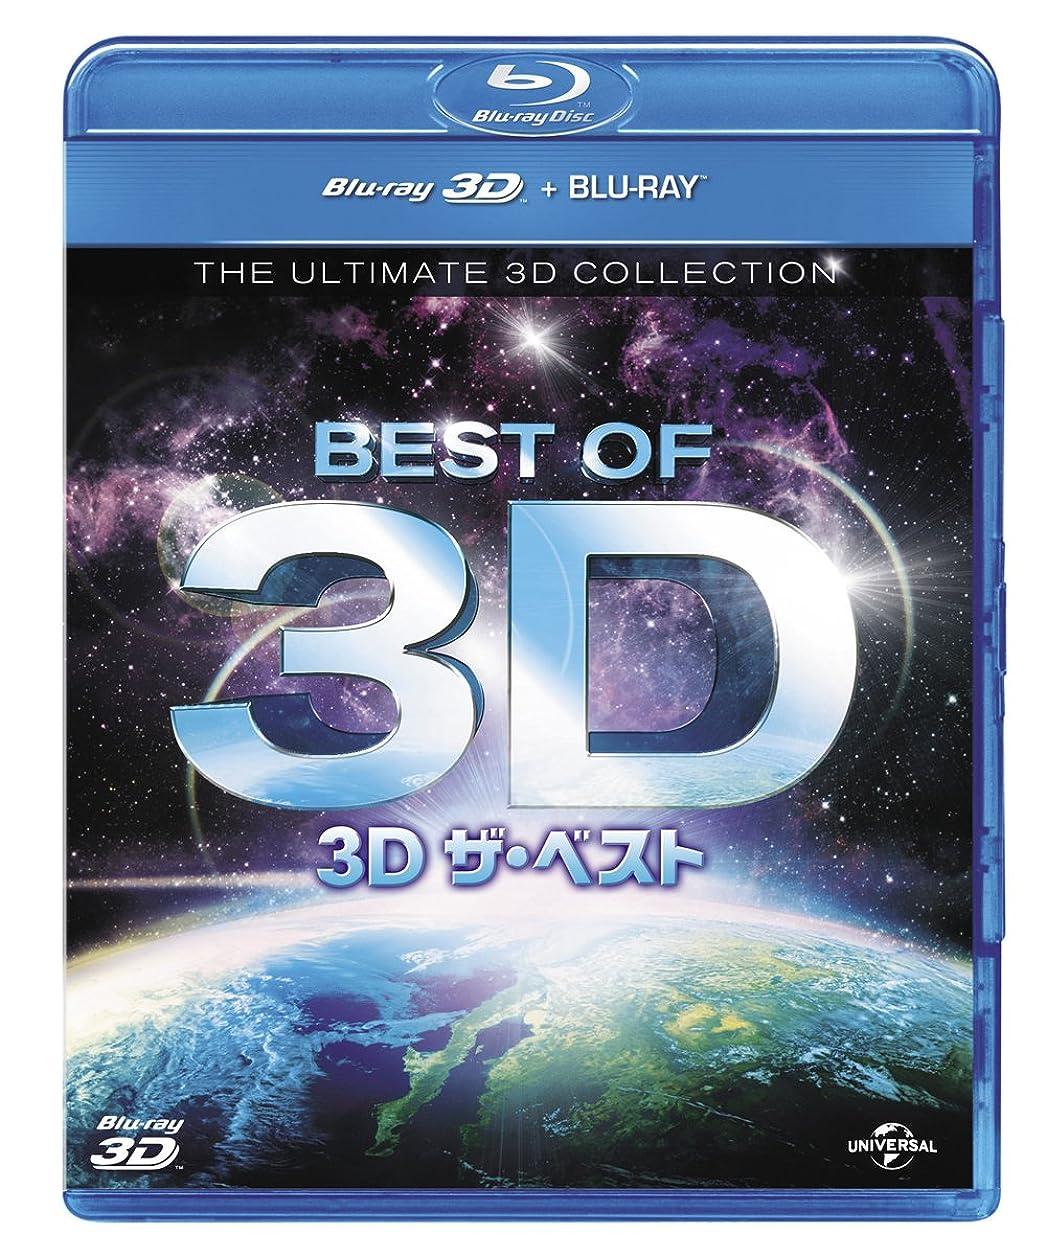 アレキサンダーグラハムベルアスレチック数学者3D ザ?ベスト [Blu-ray]